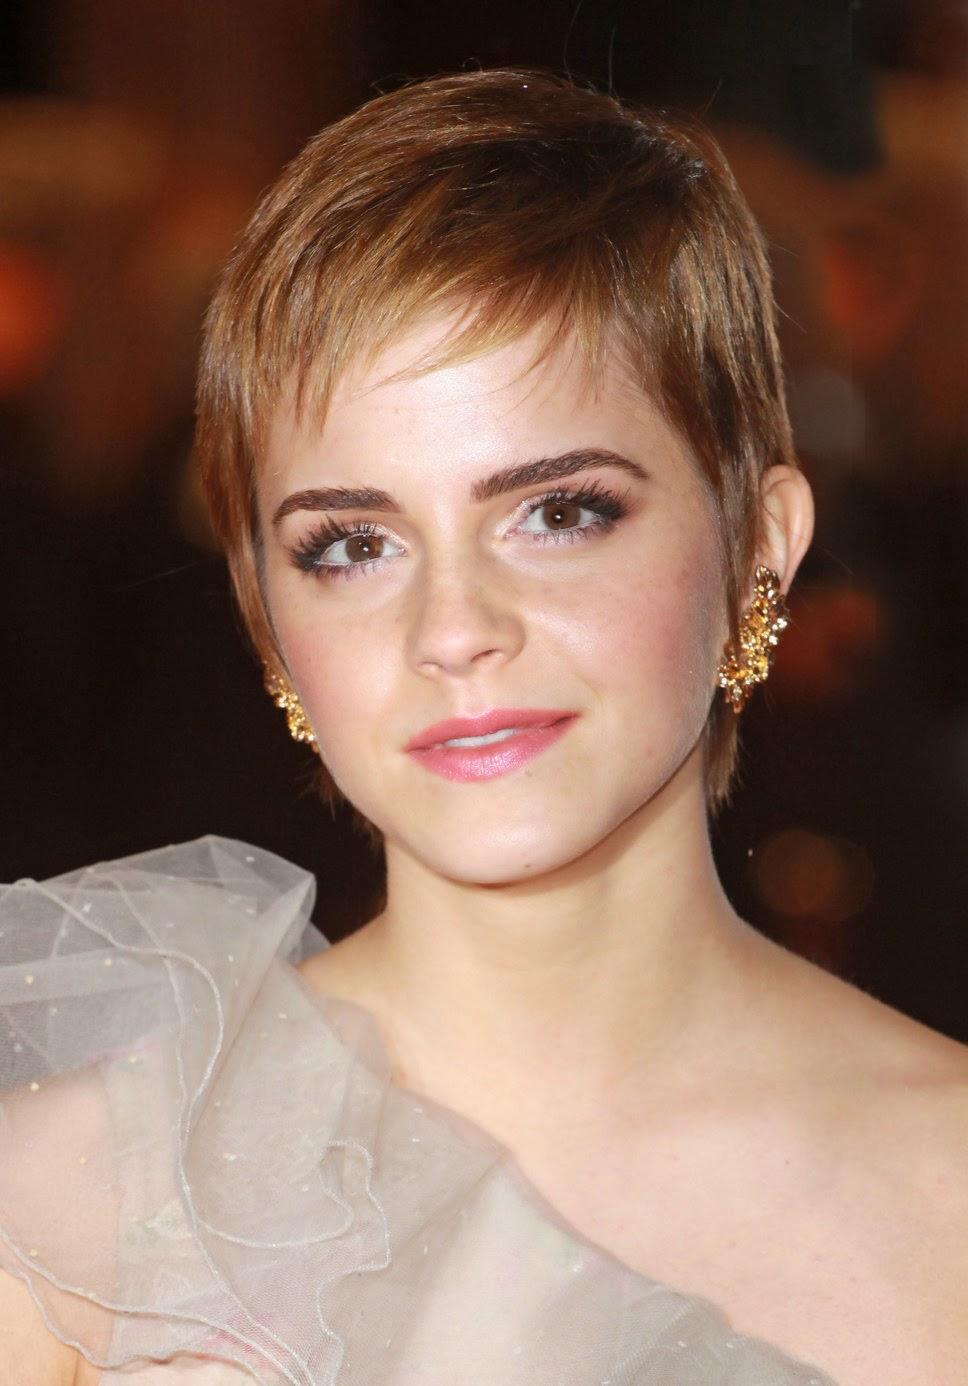 Peinados Para Mujer Joven - 25 claves para parecer más joven AR Revista